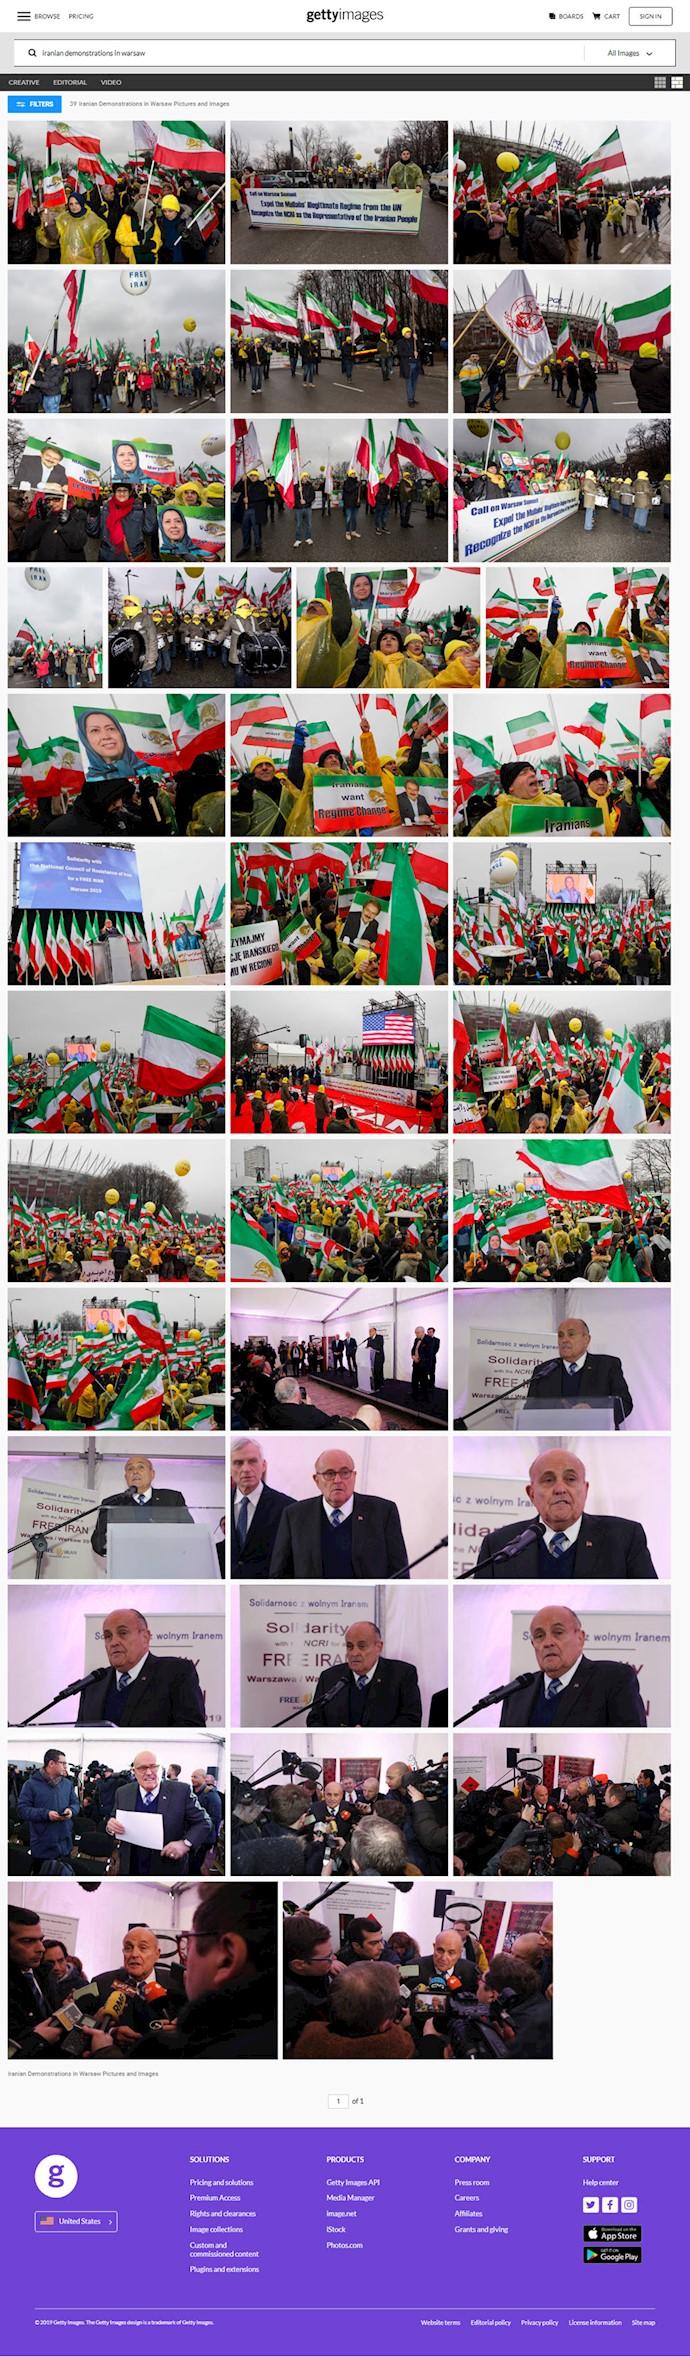 تظاهرات در ورشو - تصاویری از سایت تصویری گتی ایمیج